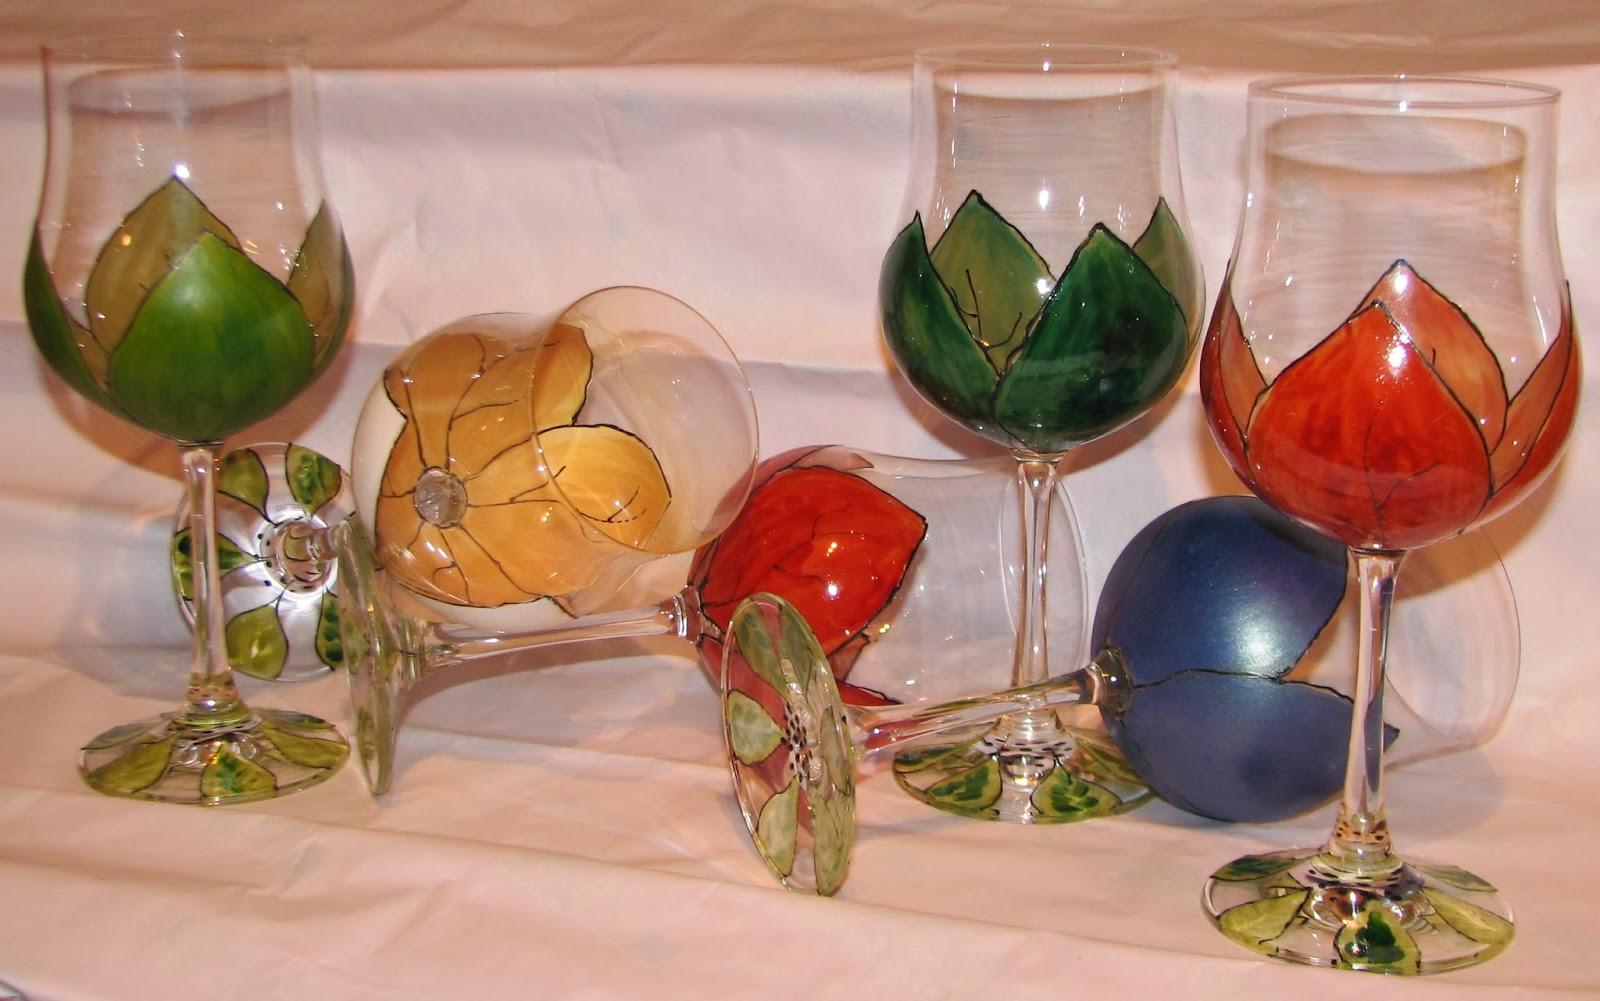 Cadeaux originaux vitrail et peintures sur verre peinture sur support verre - Peinture sur plateau en verre ...